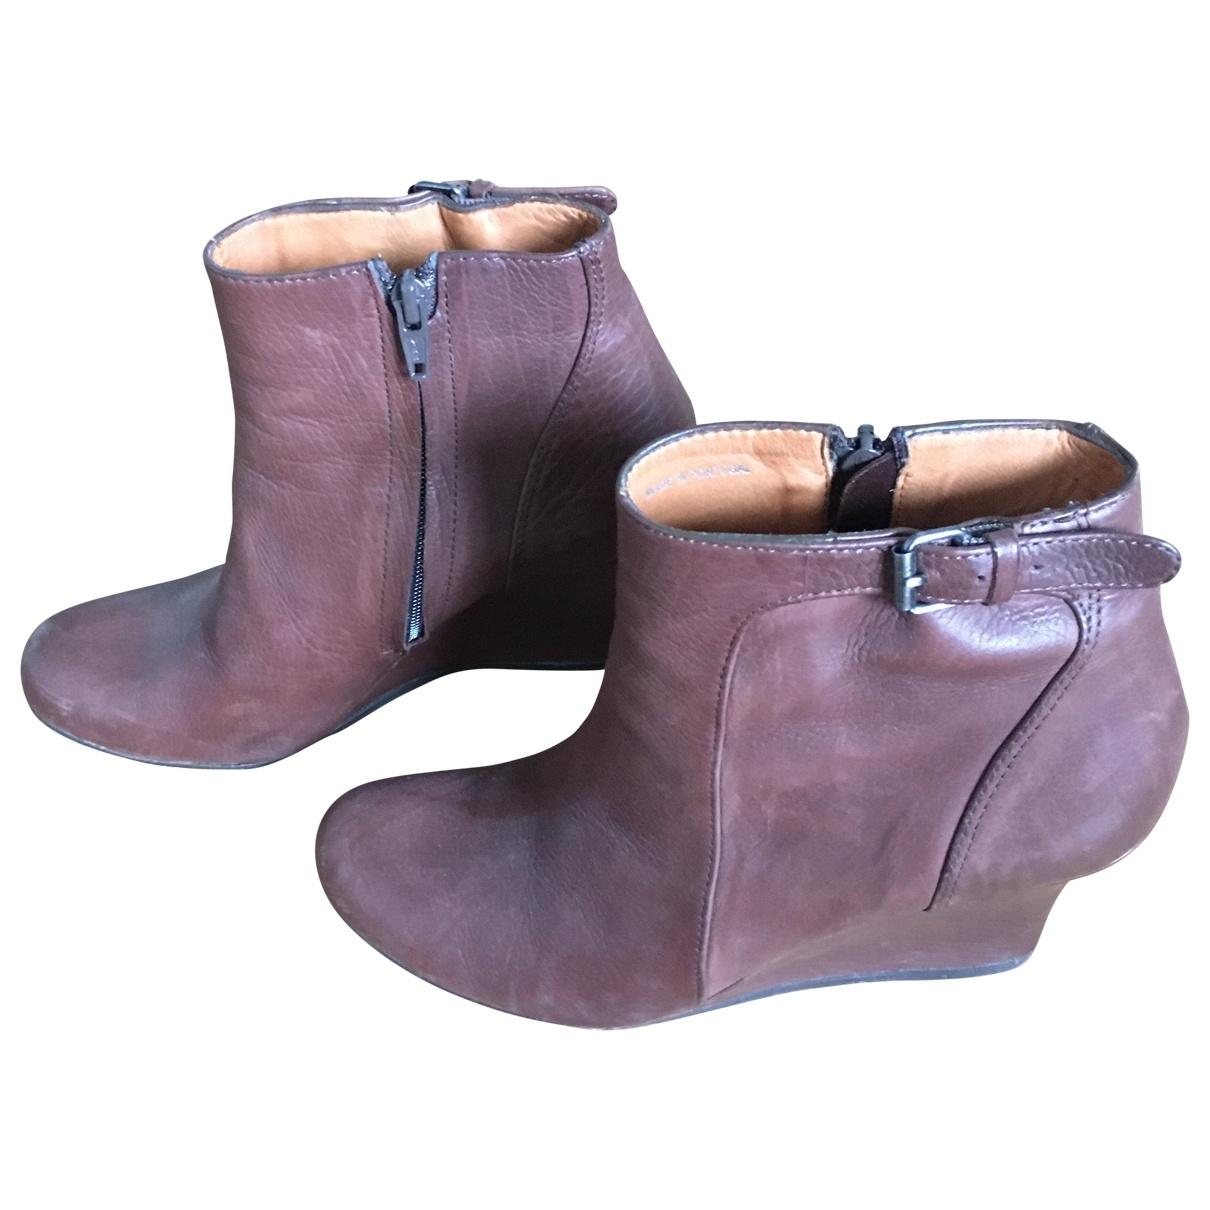 Lanvin - Boots   pour femme en cuir - marron